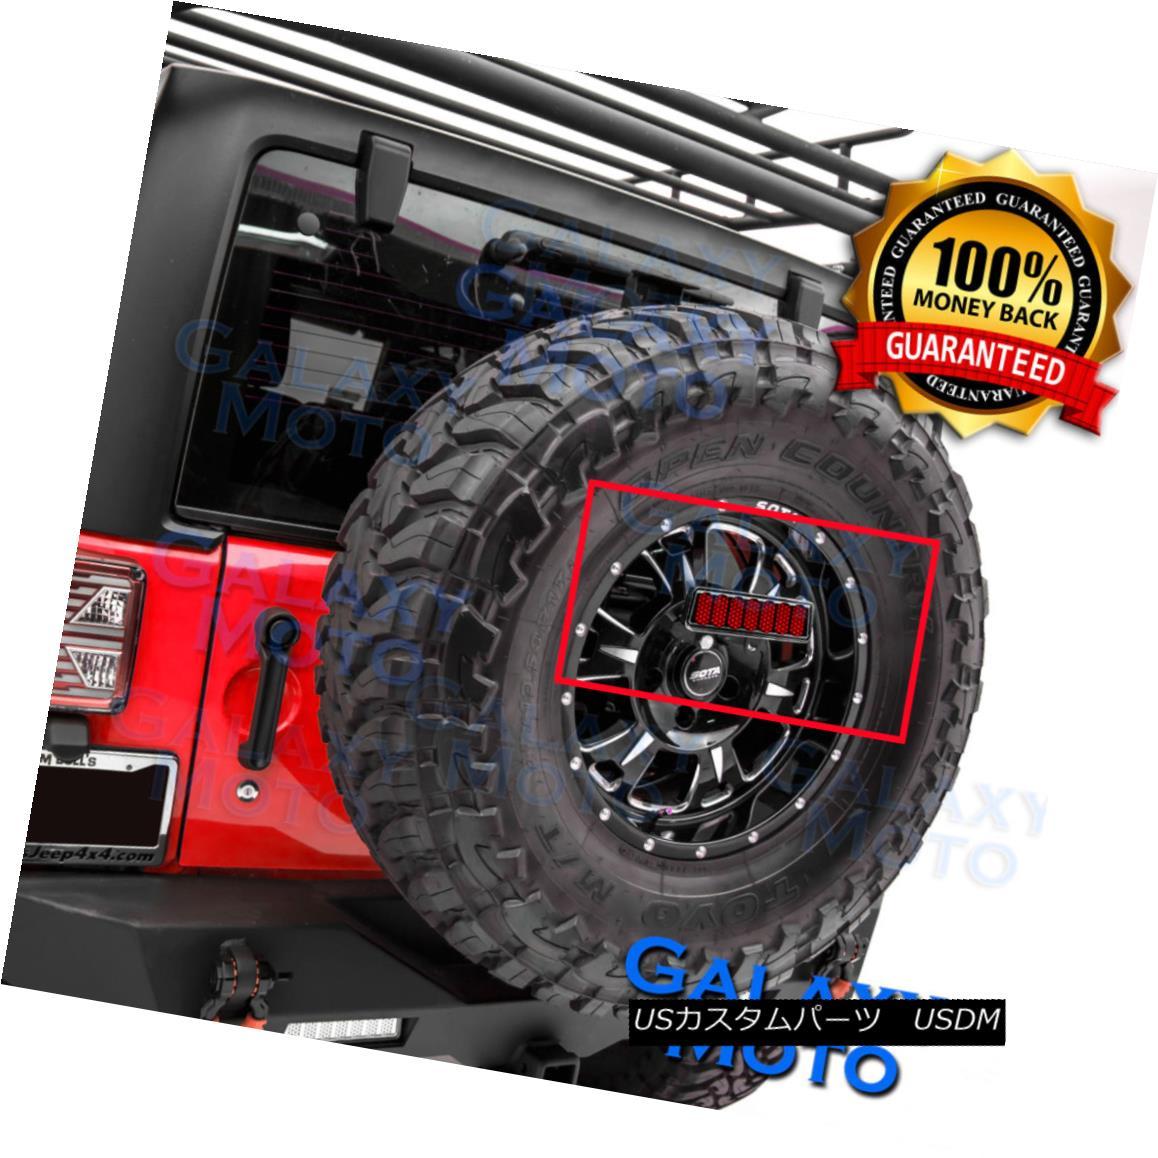 グリル 3rd Brake Tail LED light w/Rear Spare Tire Bracket Mount fit 07-17 Jeep Wrangler 3番目のブレーキテールLEDライト、リアスペアタイヤブラケットマウントフィット07-17 Jeep Wrangler